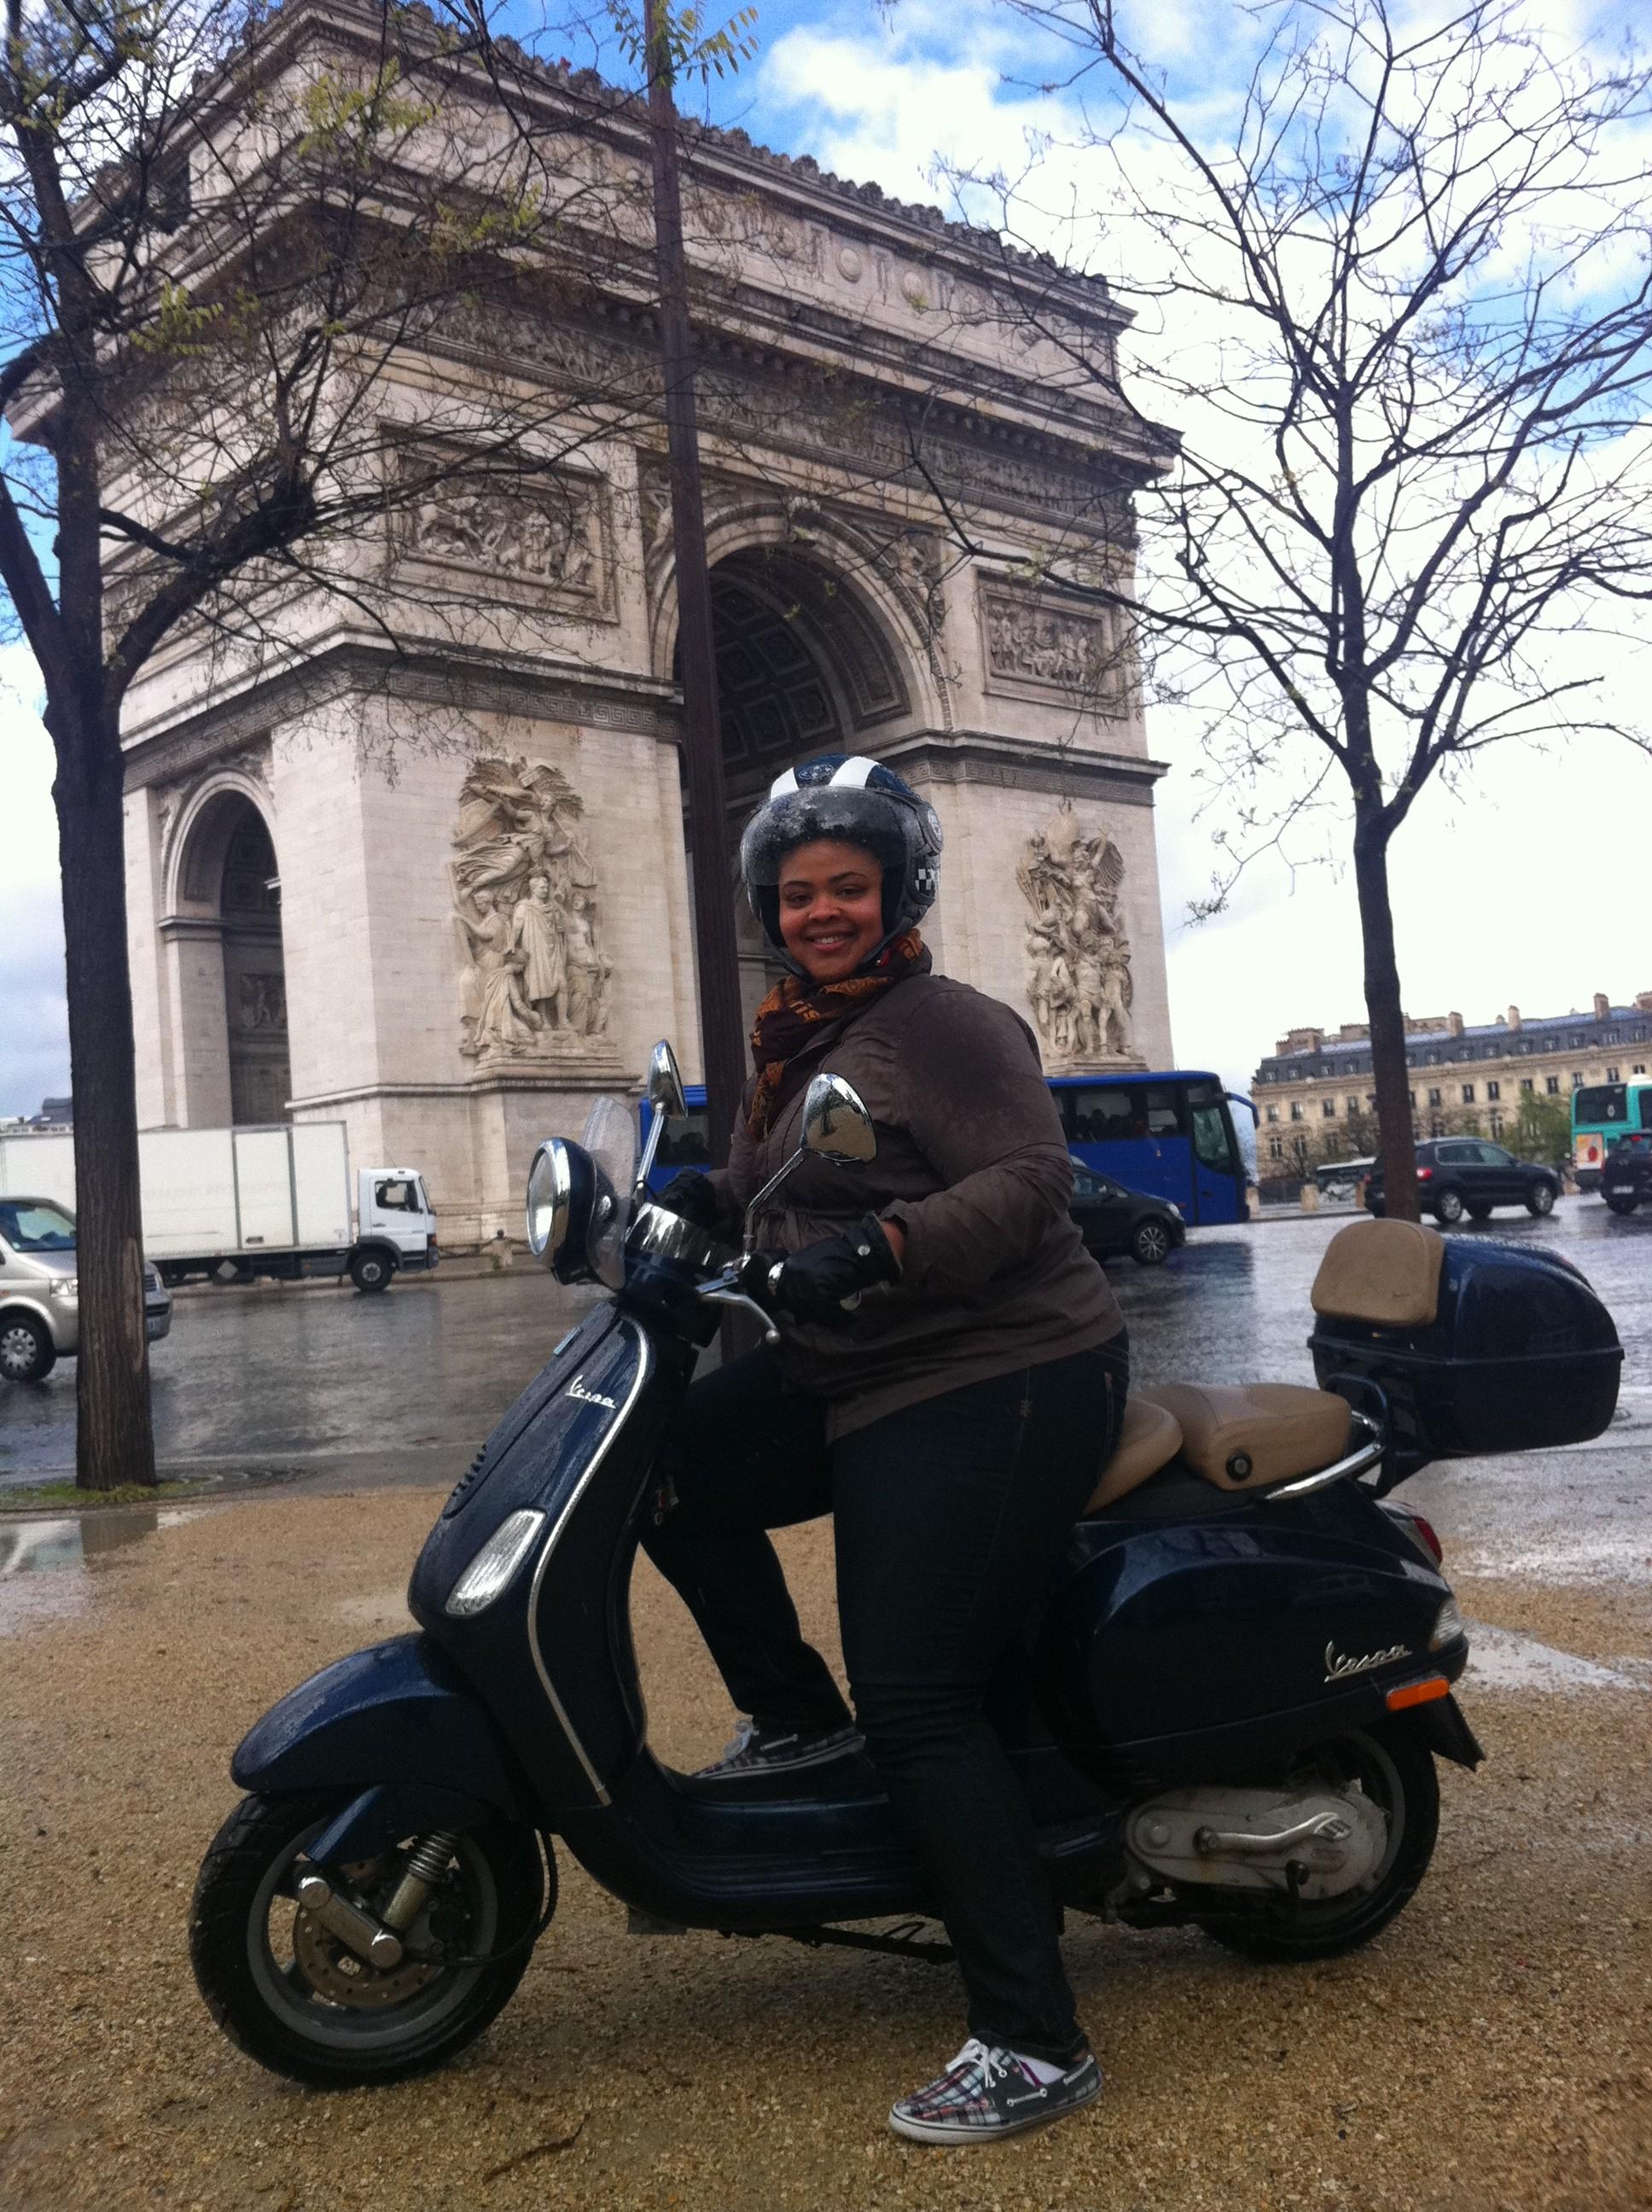 Arc de triomphe by vespa scooter - Paris France